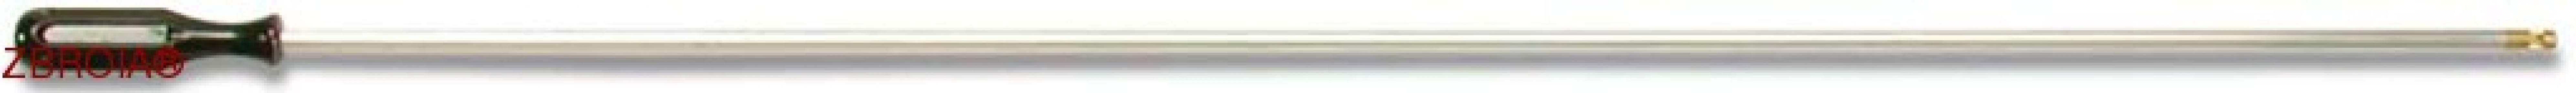 Шомпол Stil Crin алюминиевый (цельный)